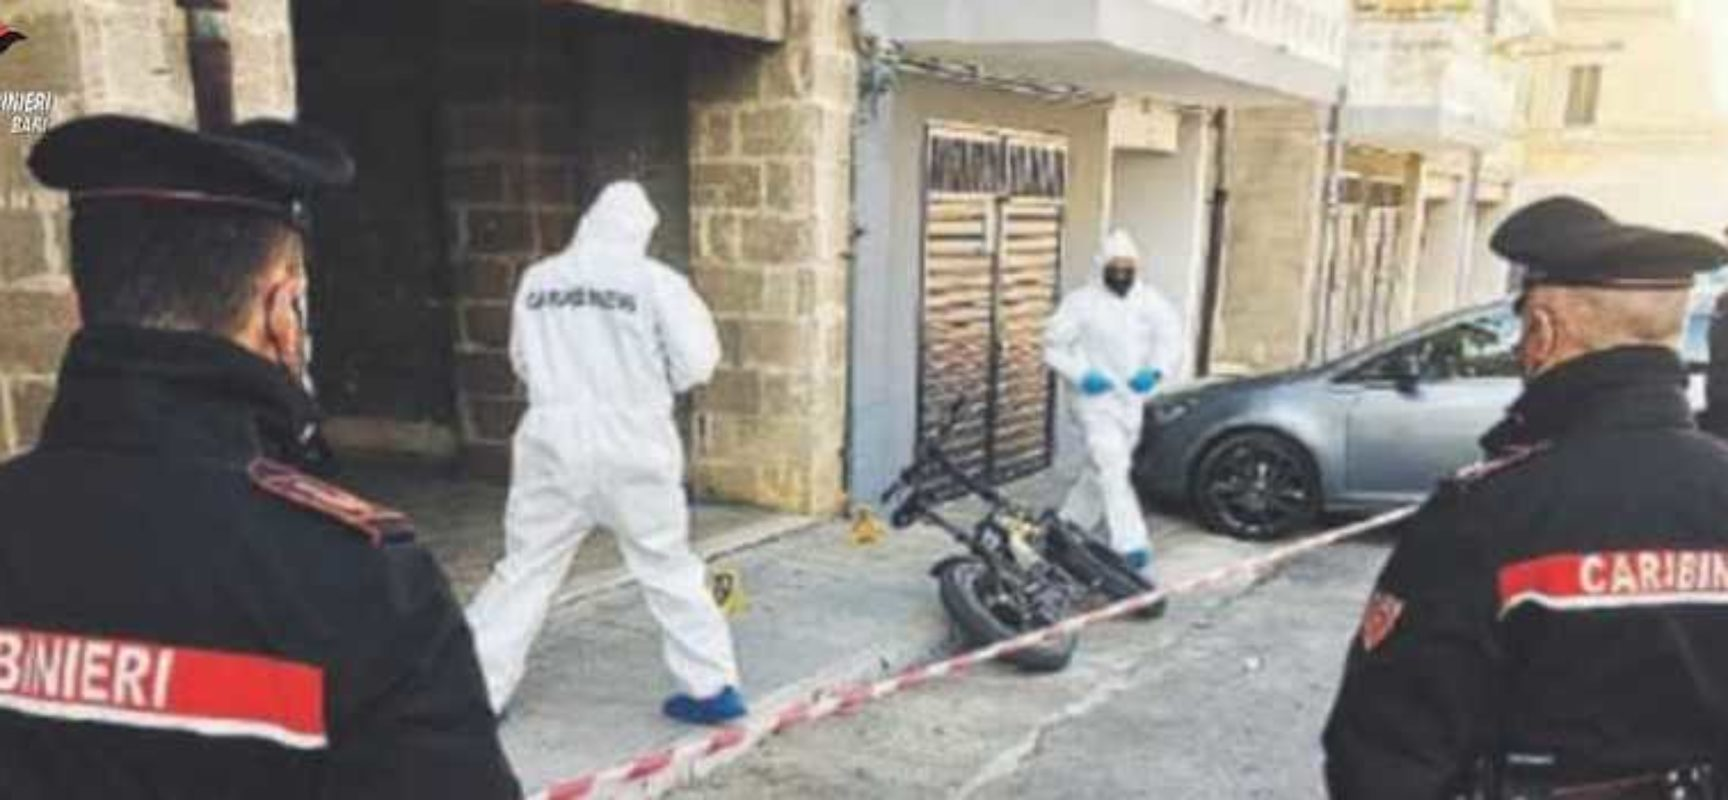 Arrestato a Bisceglie il giovane che aveva sparato e ferito due persone ad Andria